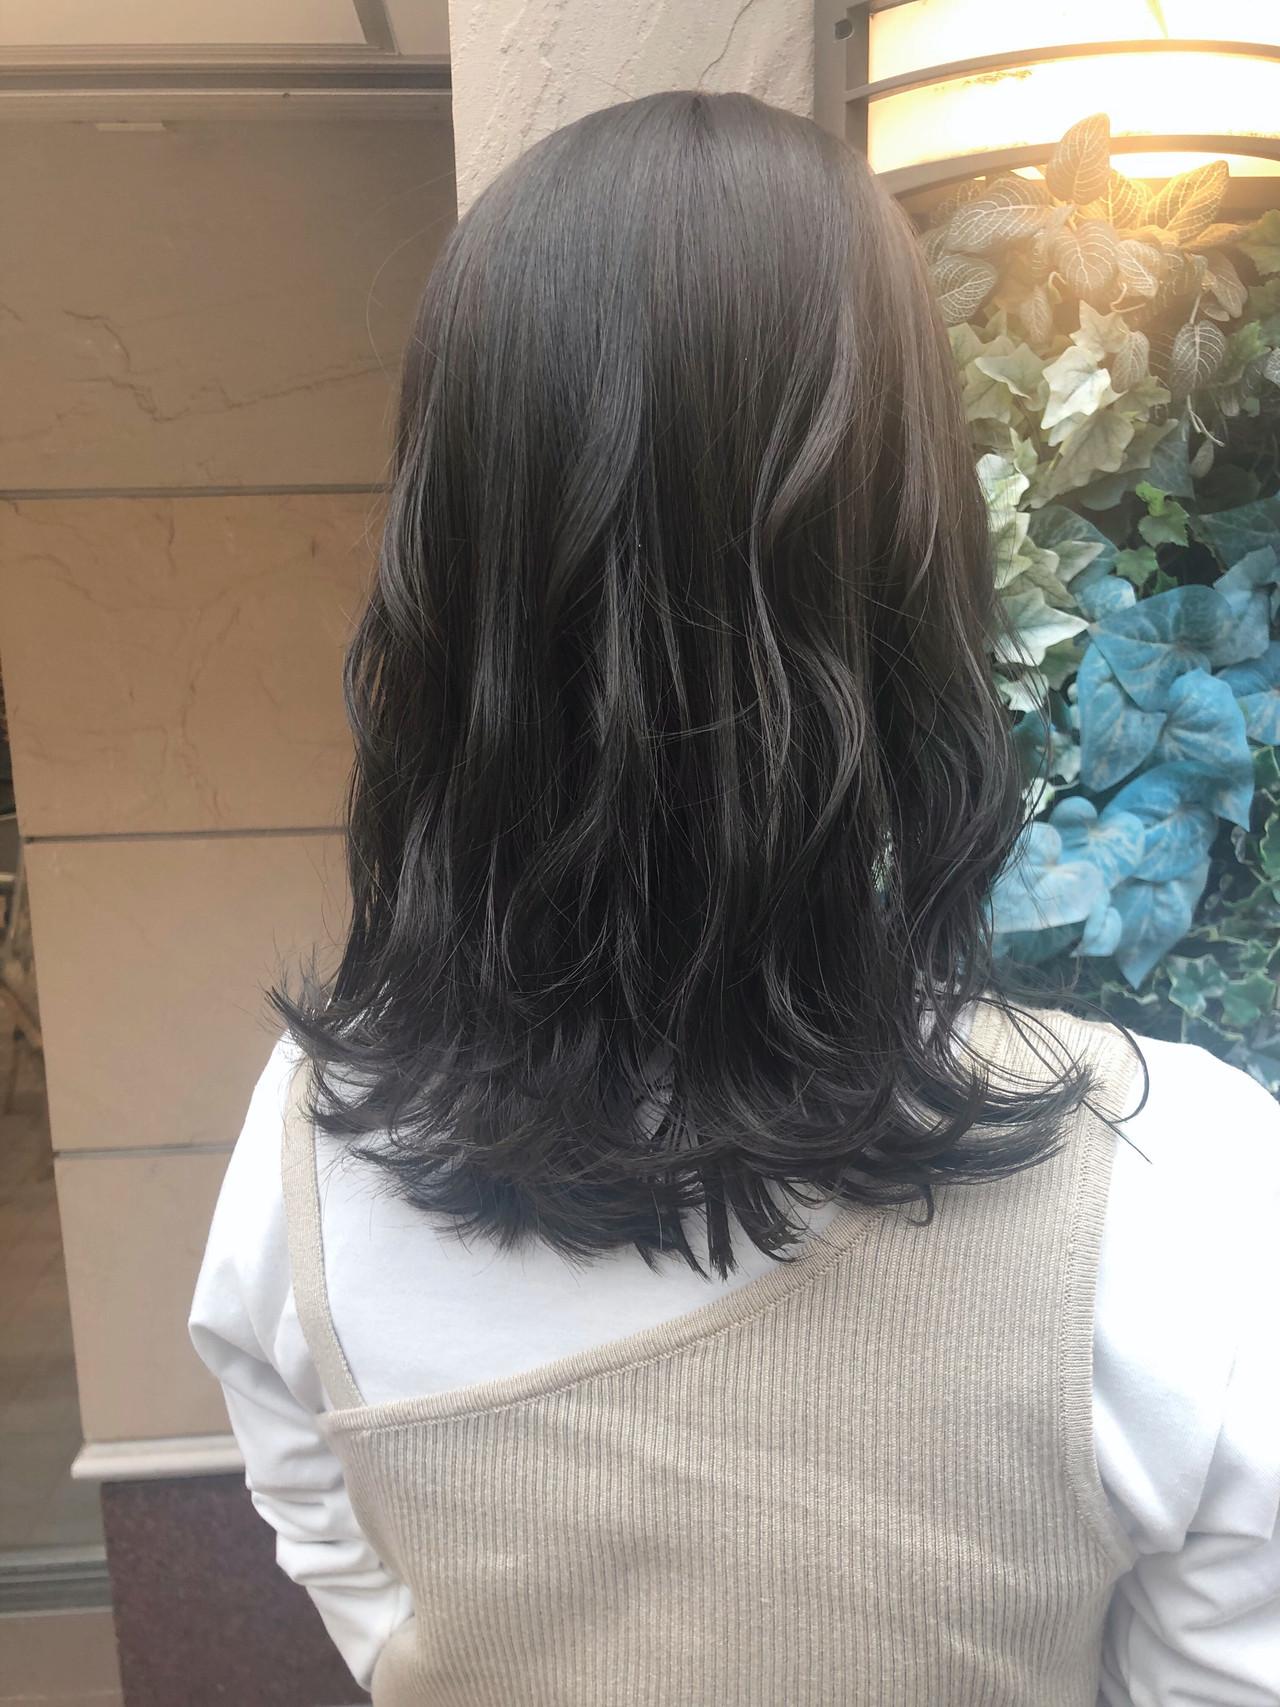 ミディアム オリーブグレージュ 似合わせ オリーブアッシュ ヘアスタイルや髪型の写真・画像